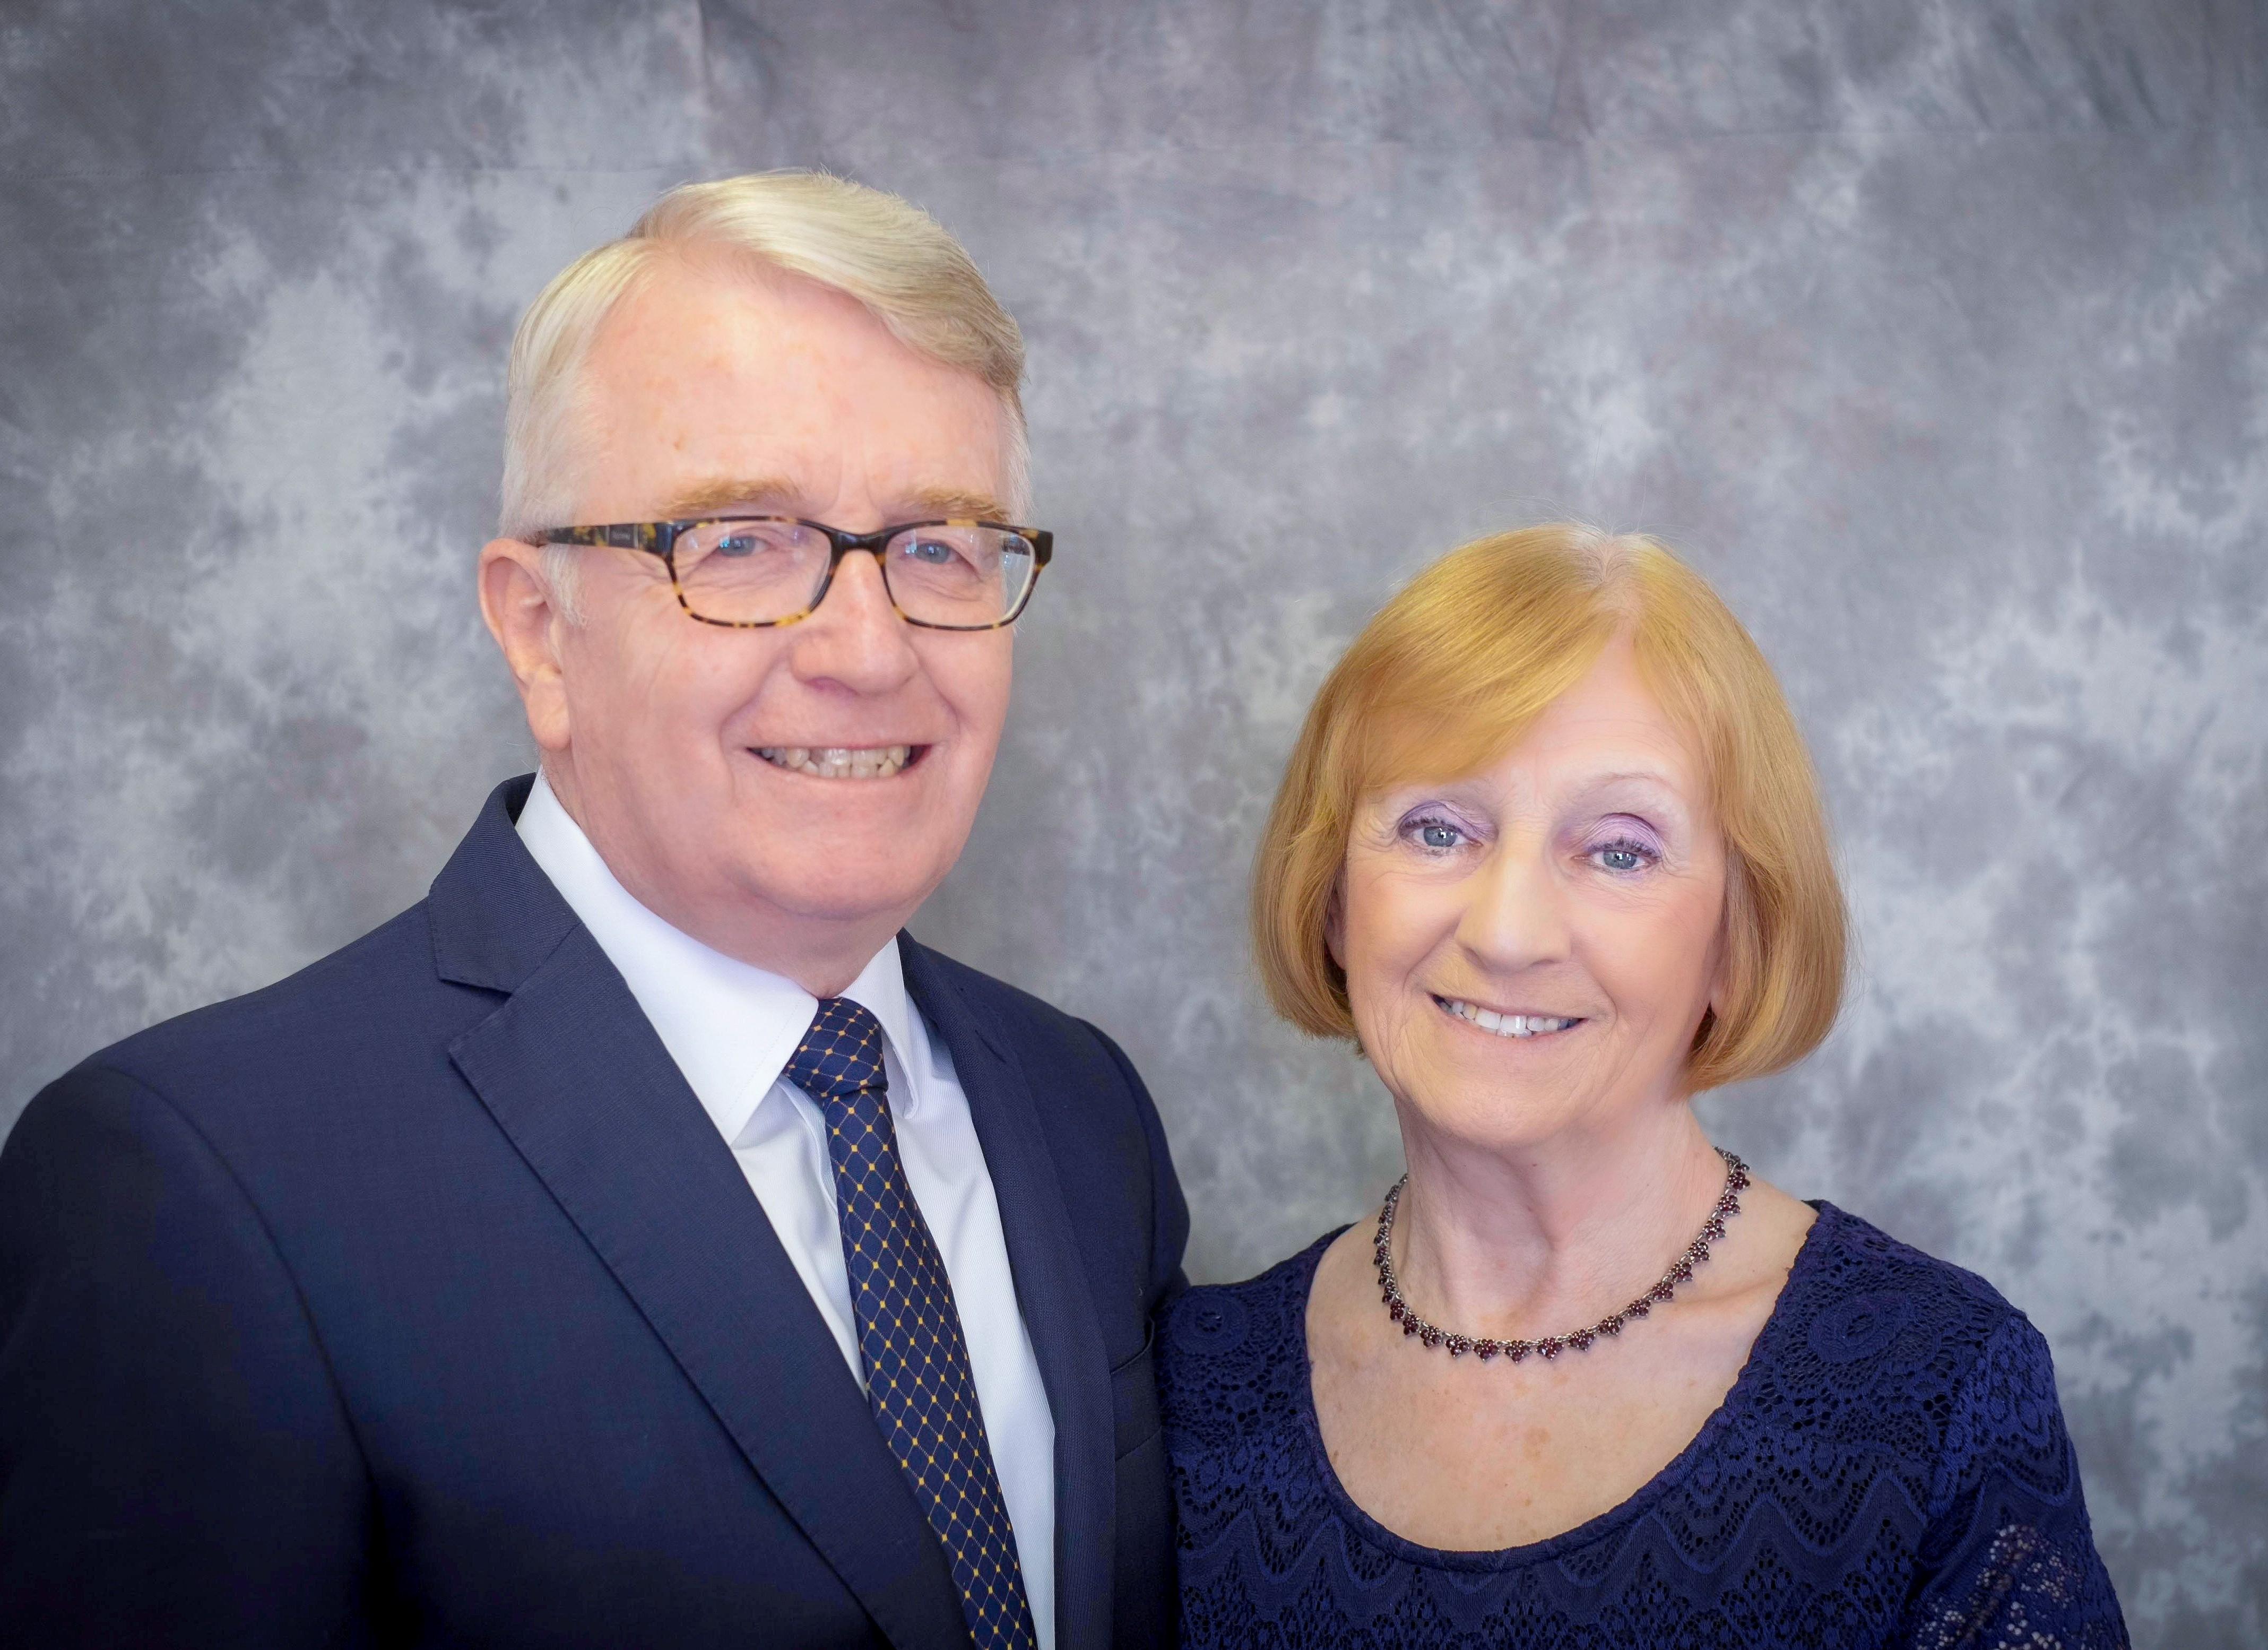 David R. and E. Lyn Irwin